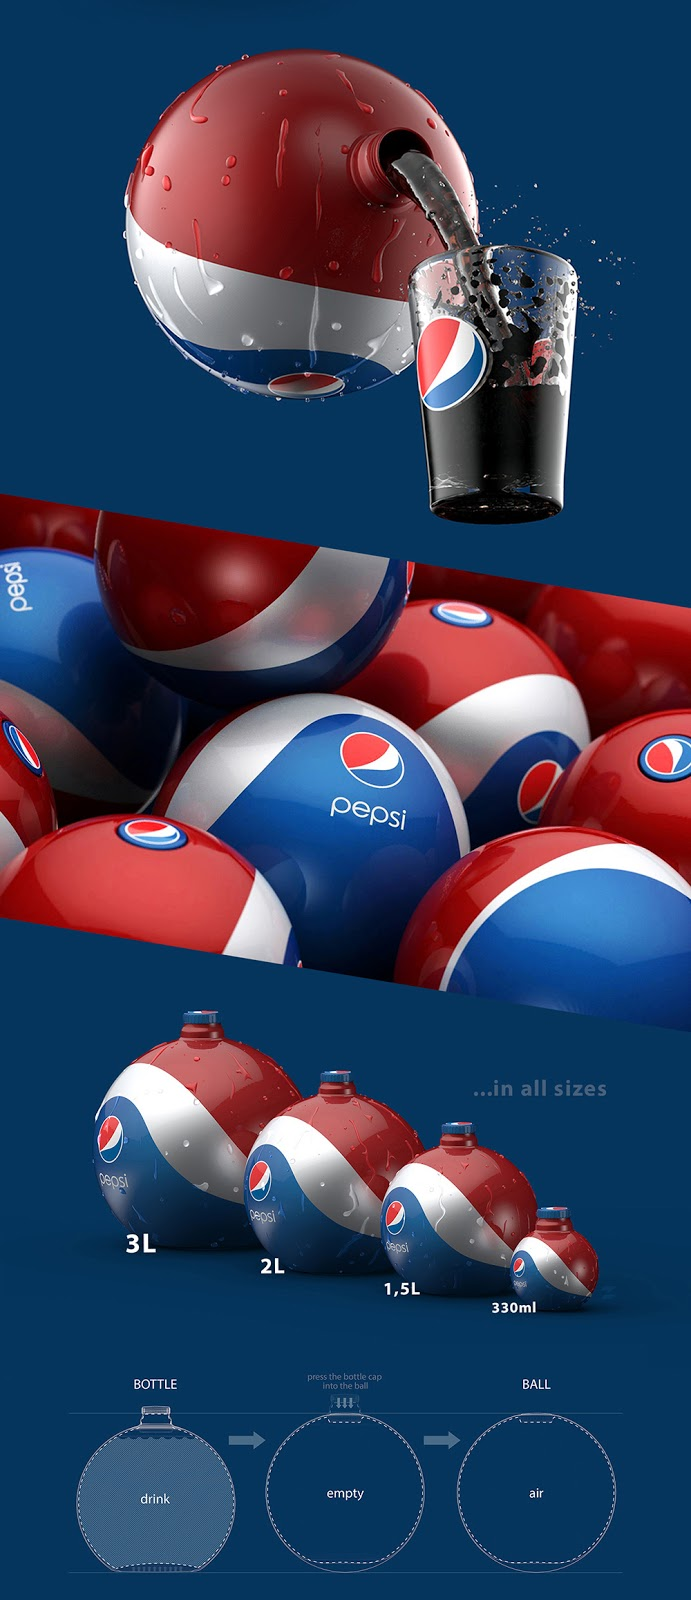 Pepsi_RubberBall_04_BottlePackaging